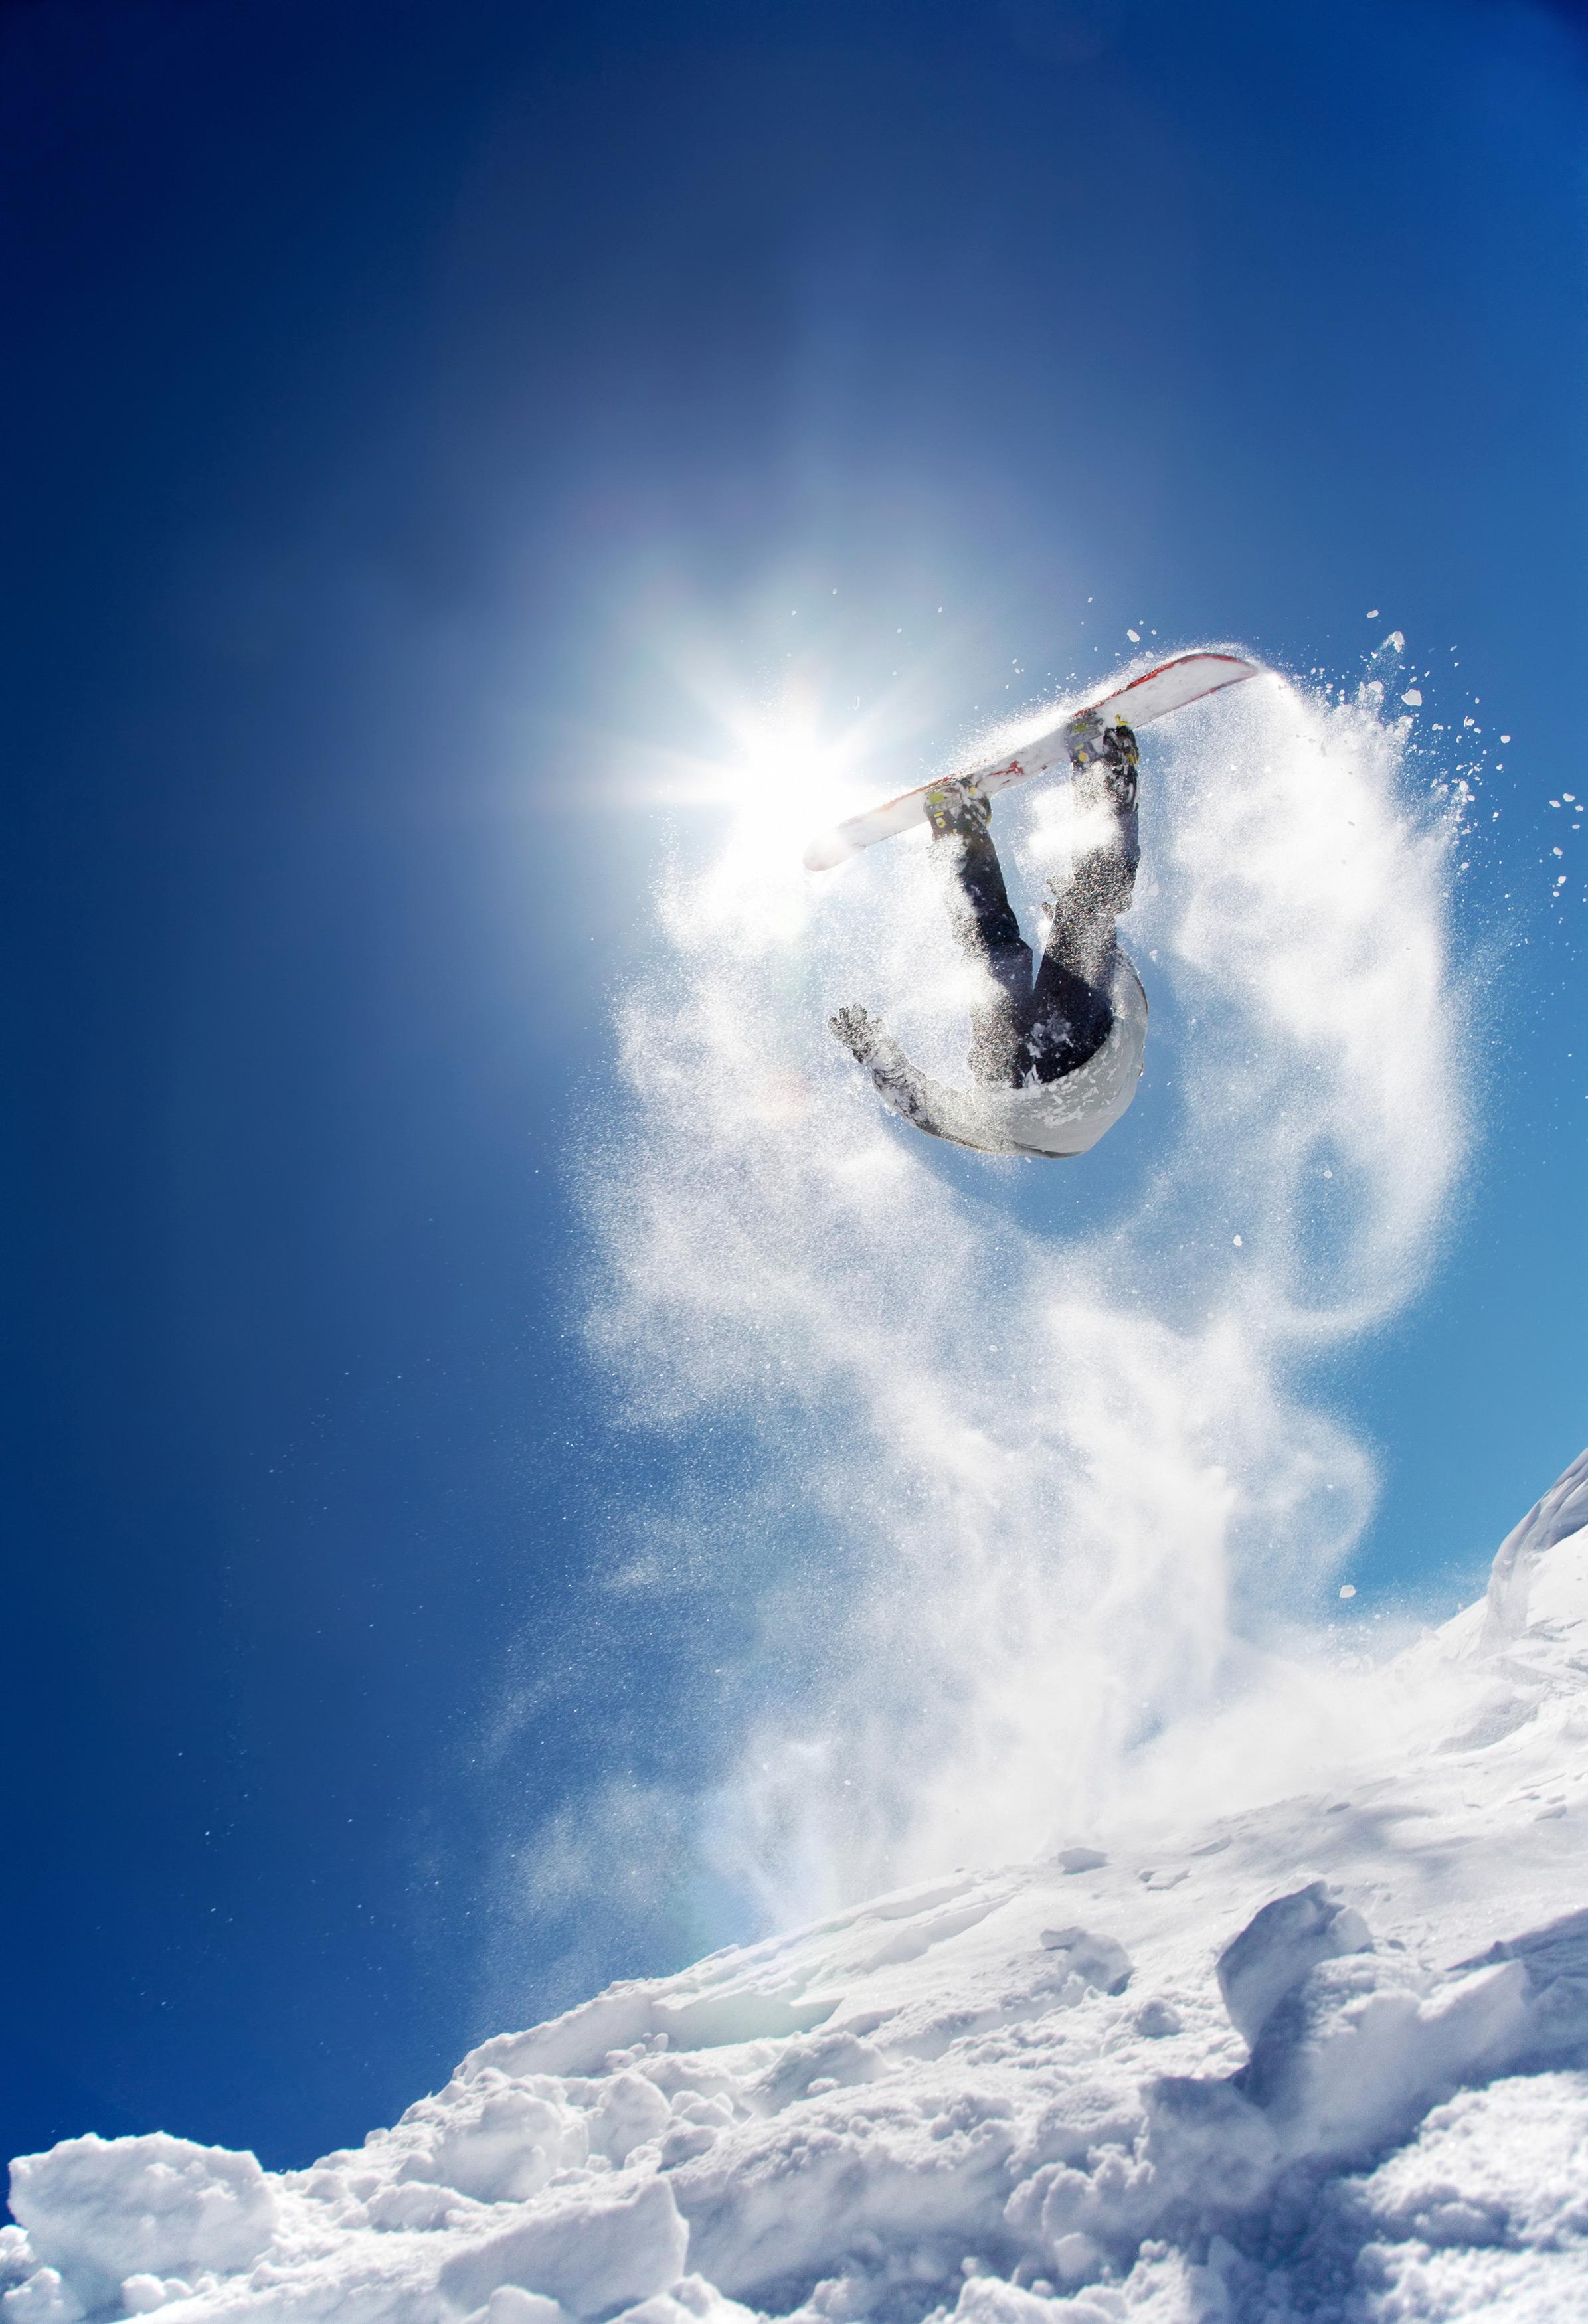 پرش با اسکی بر روی برف